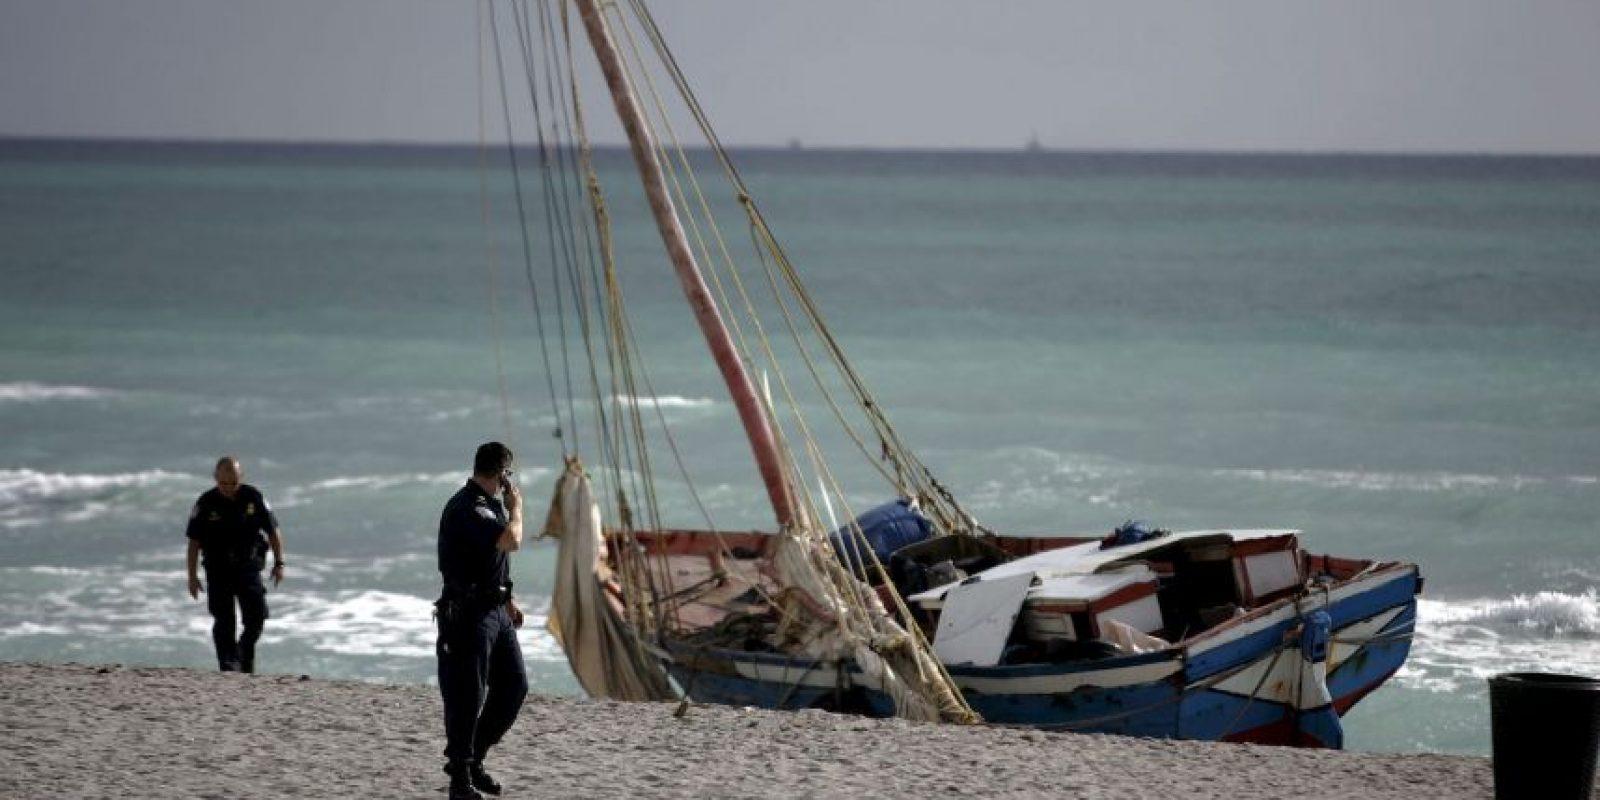 El reporte indica que de enero a septiembre de 2014, 45 personas perdieron la vida en el Caribe Foto:Getty Images